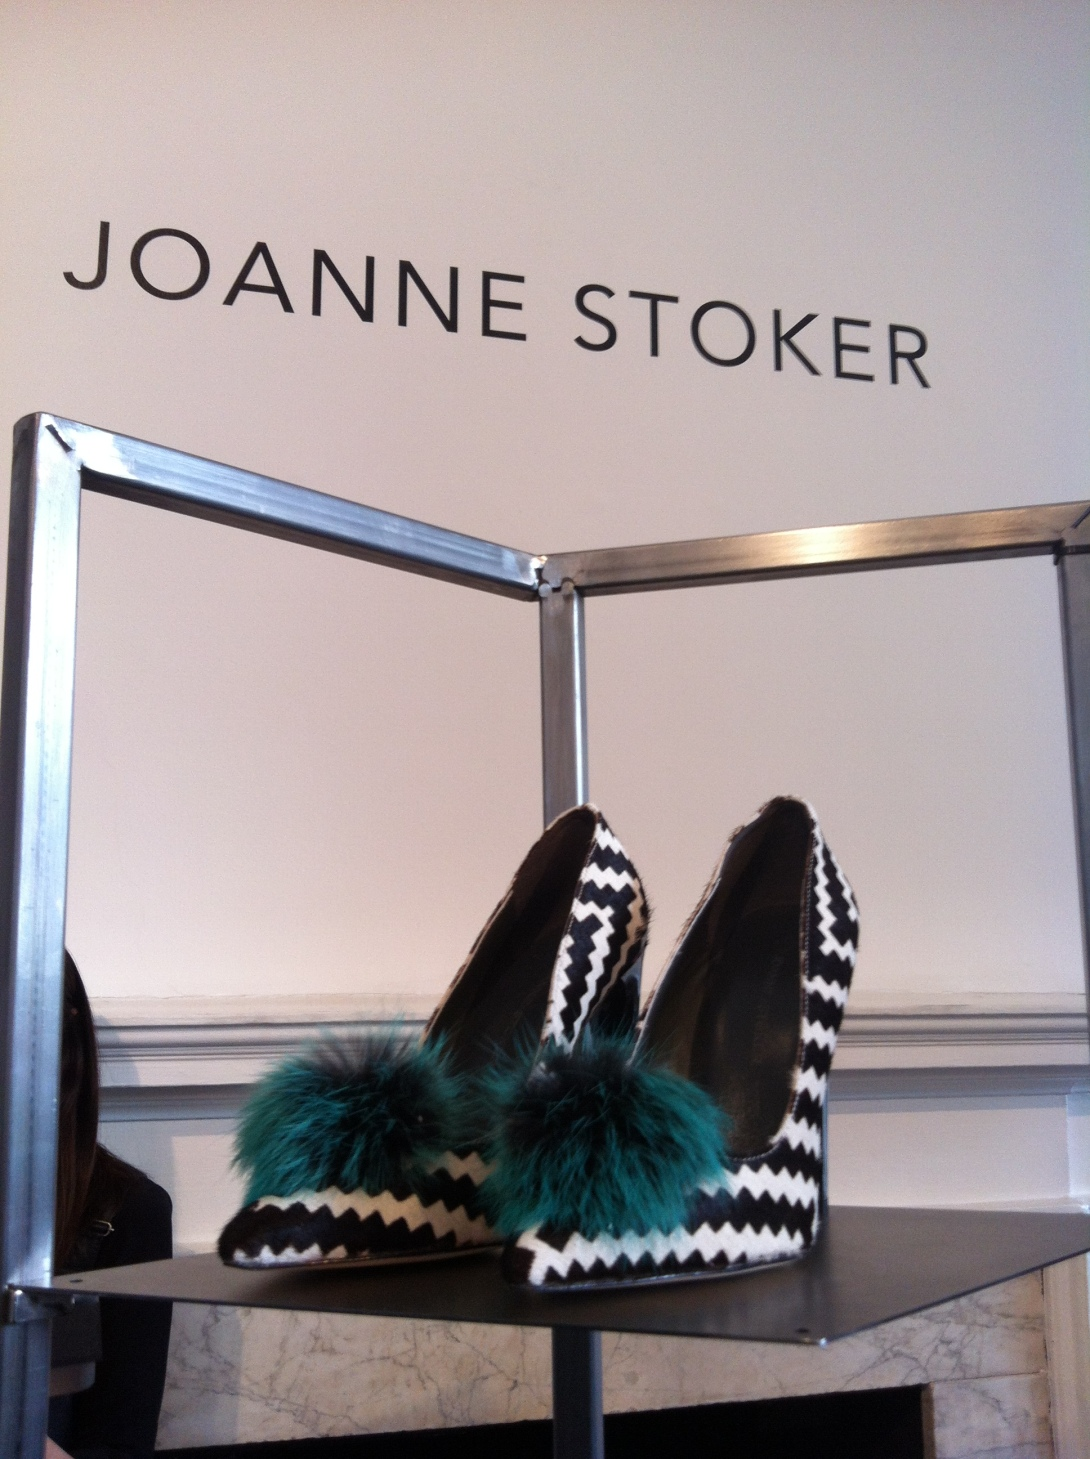 JOANNE STOKER